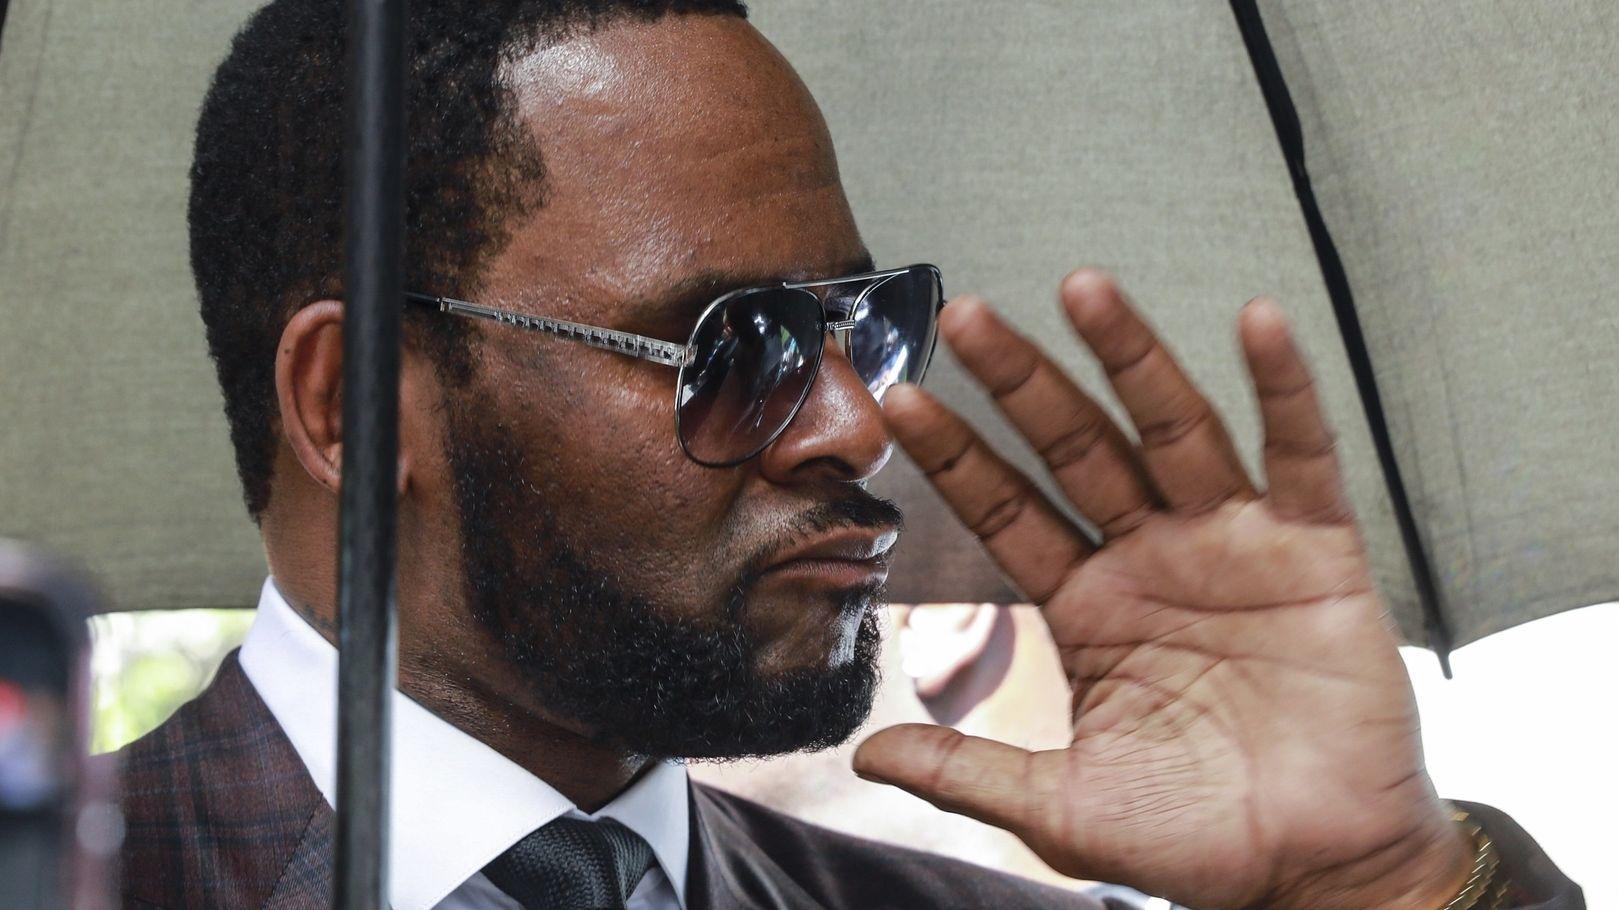 R. Kelly, Musiker aus den USA, nach einer Anhörung vor dem Leighton Criminal Court Gebäude. Der US-Sänger ist wegen sexuellen Missbrauchs angeklagt.